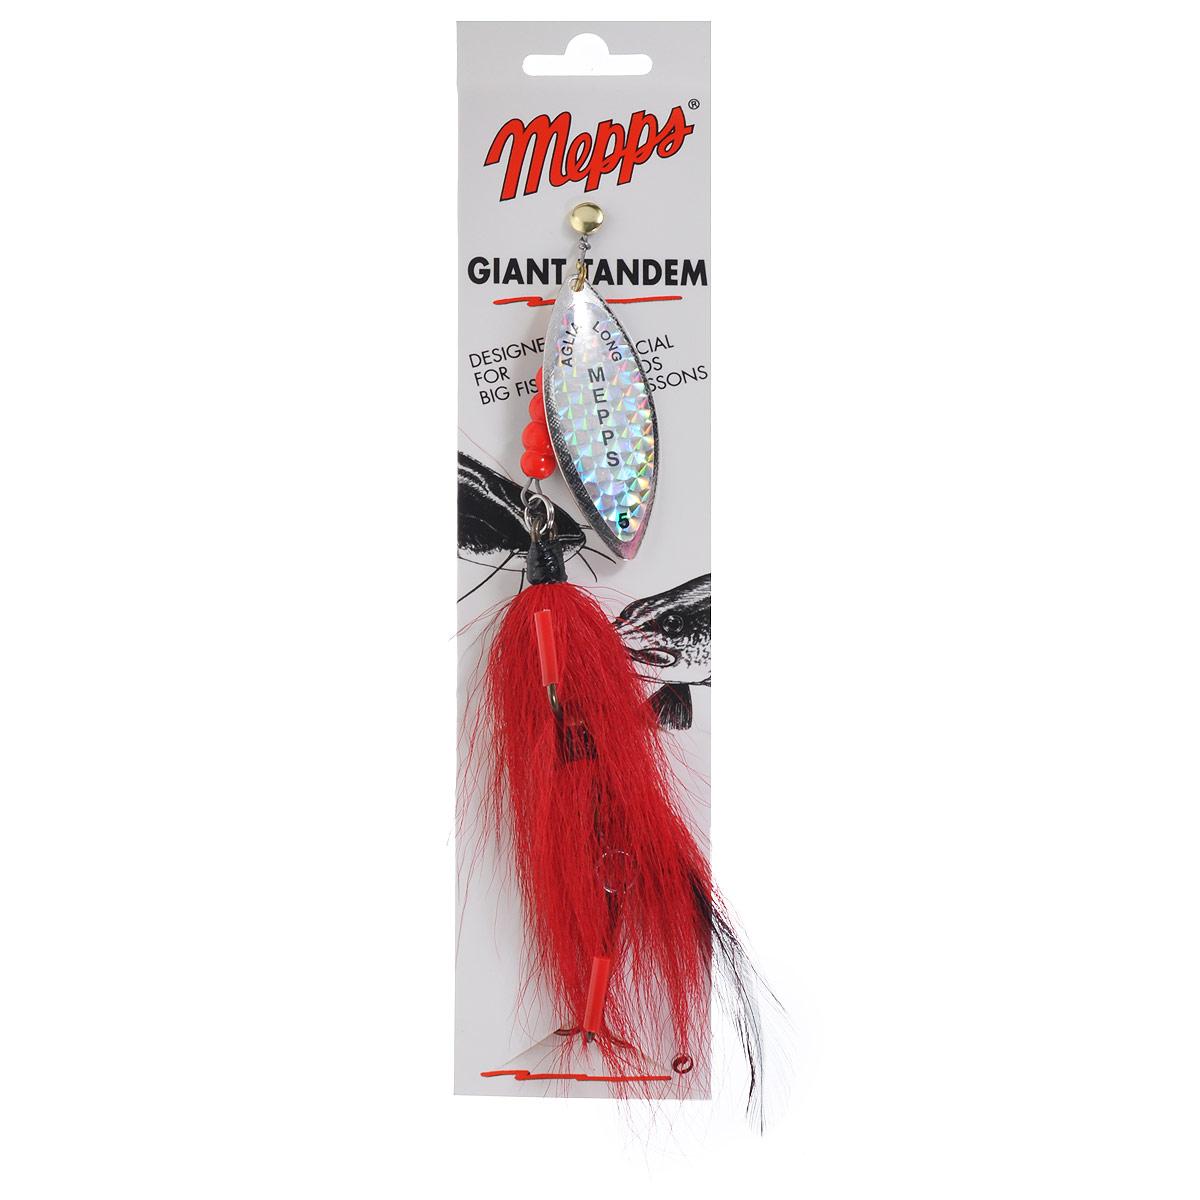 Блесна Mepps Giant Tandem Rainbo, вращающаяся, №54504Вращающаяся блесна Mepps Giant Tandem Rainbo имеет сходство с живой рыбкой, которое достигнуто подбором двух лепестков специальной формы. Стабильное вращение лепестков при любой скорости проводки допускает установку съемного груза-головки. В этом случае вы получаете прекрасную блесну для ловли на глубине.